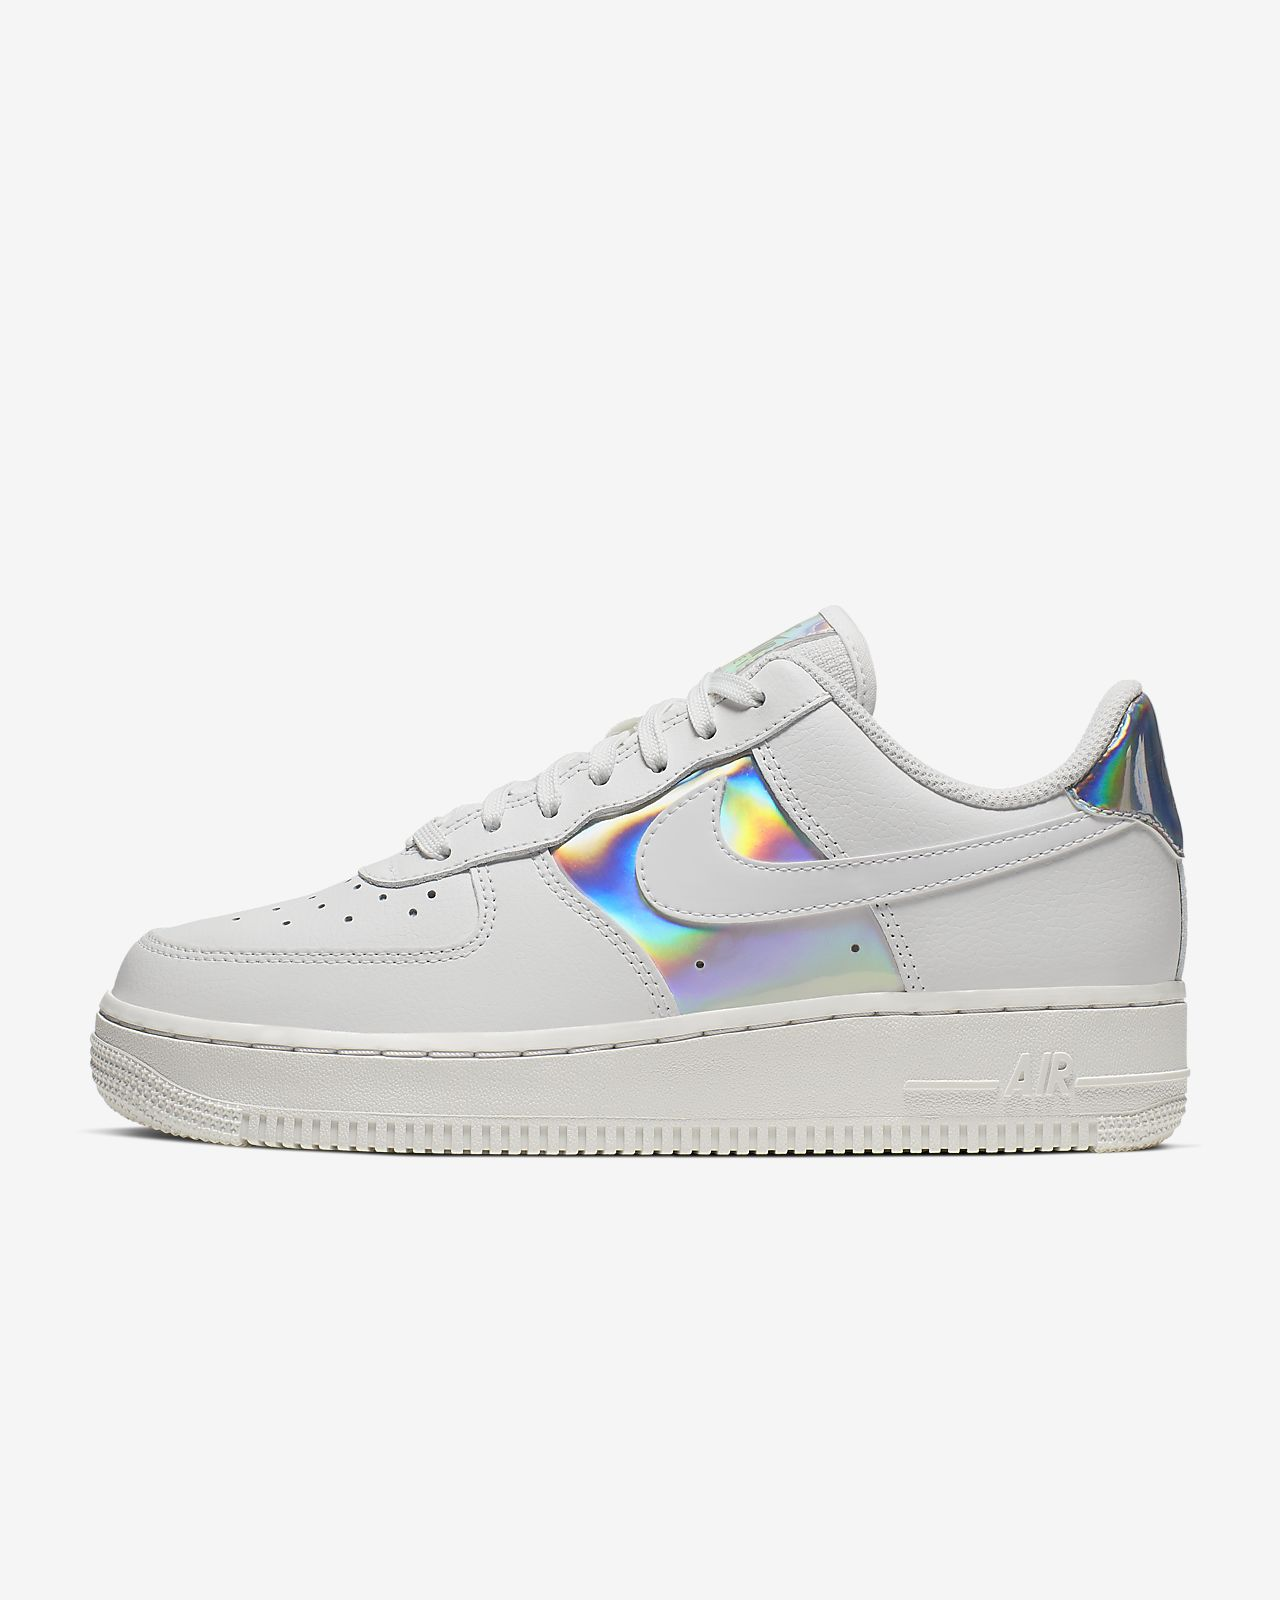 Nike Air Force 1 Low schimmernder Damenschuh